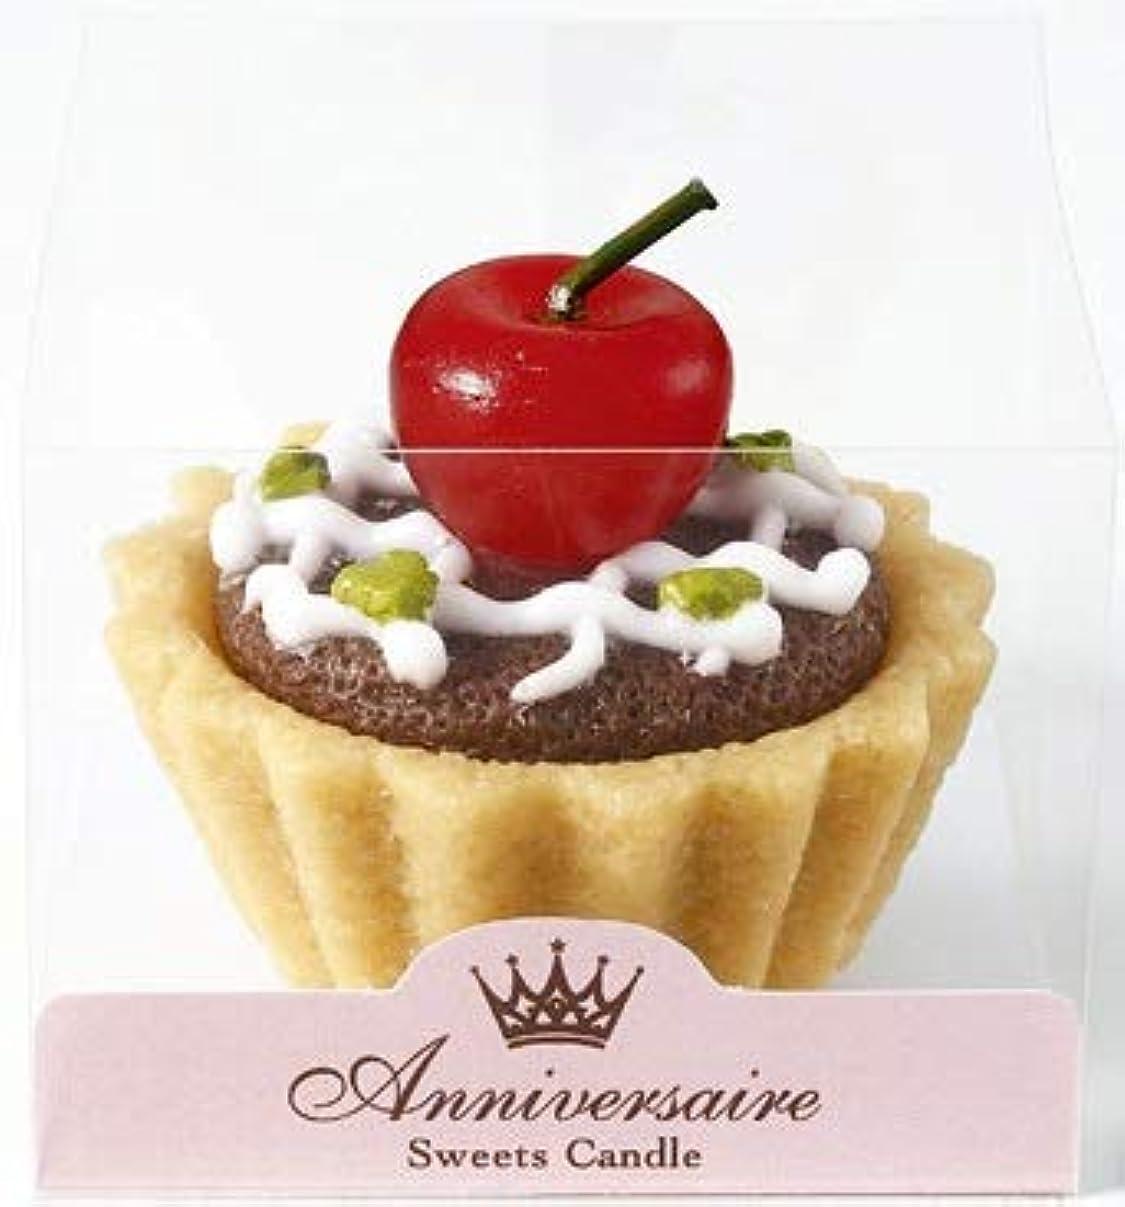 規制本質的ではない業界sweets candle スイーツキャンドル タルトキャンドル チェリー BA642-05-10